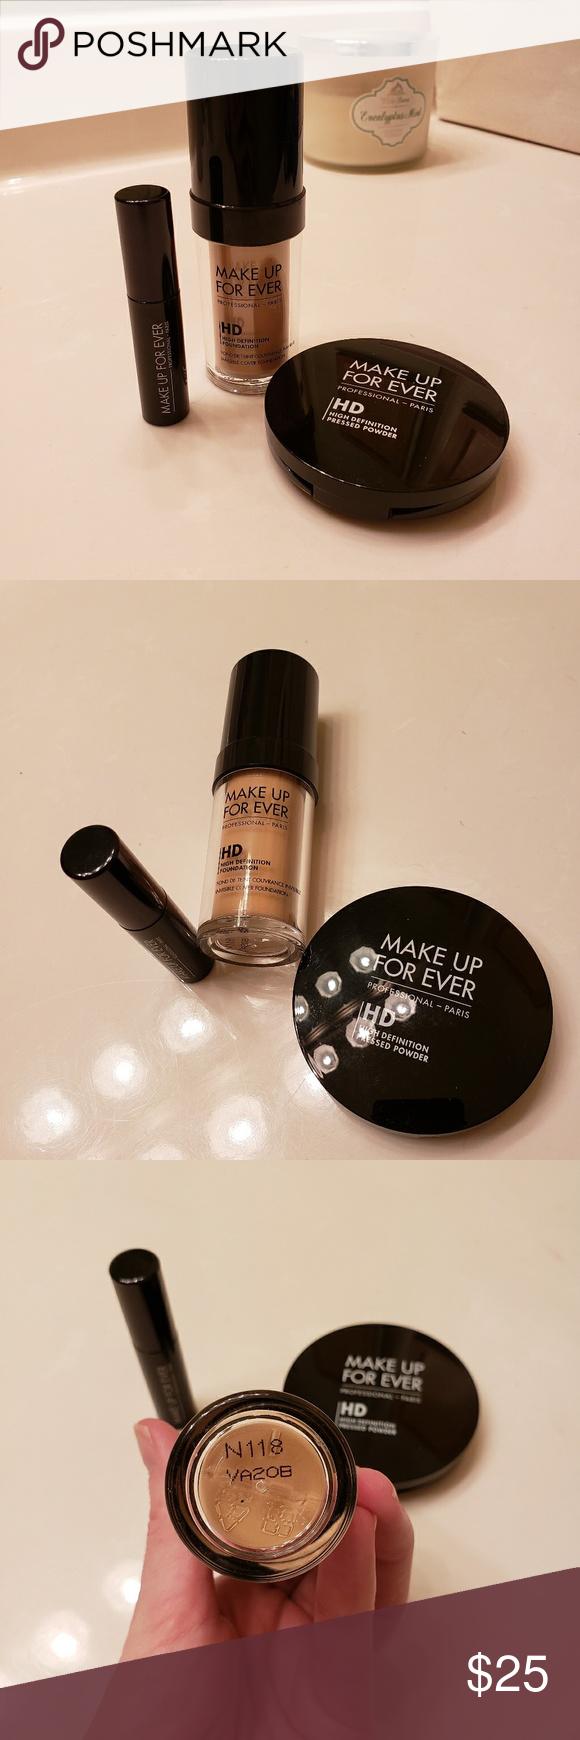 Makeup Forever Bundle HD Foundation color N118, HD Pressed